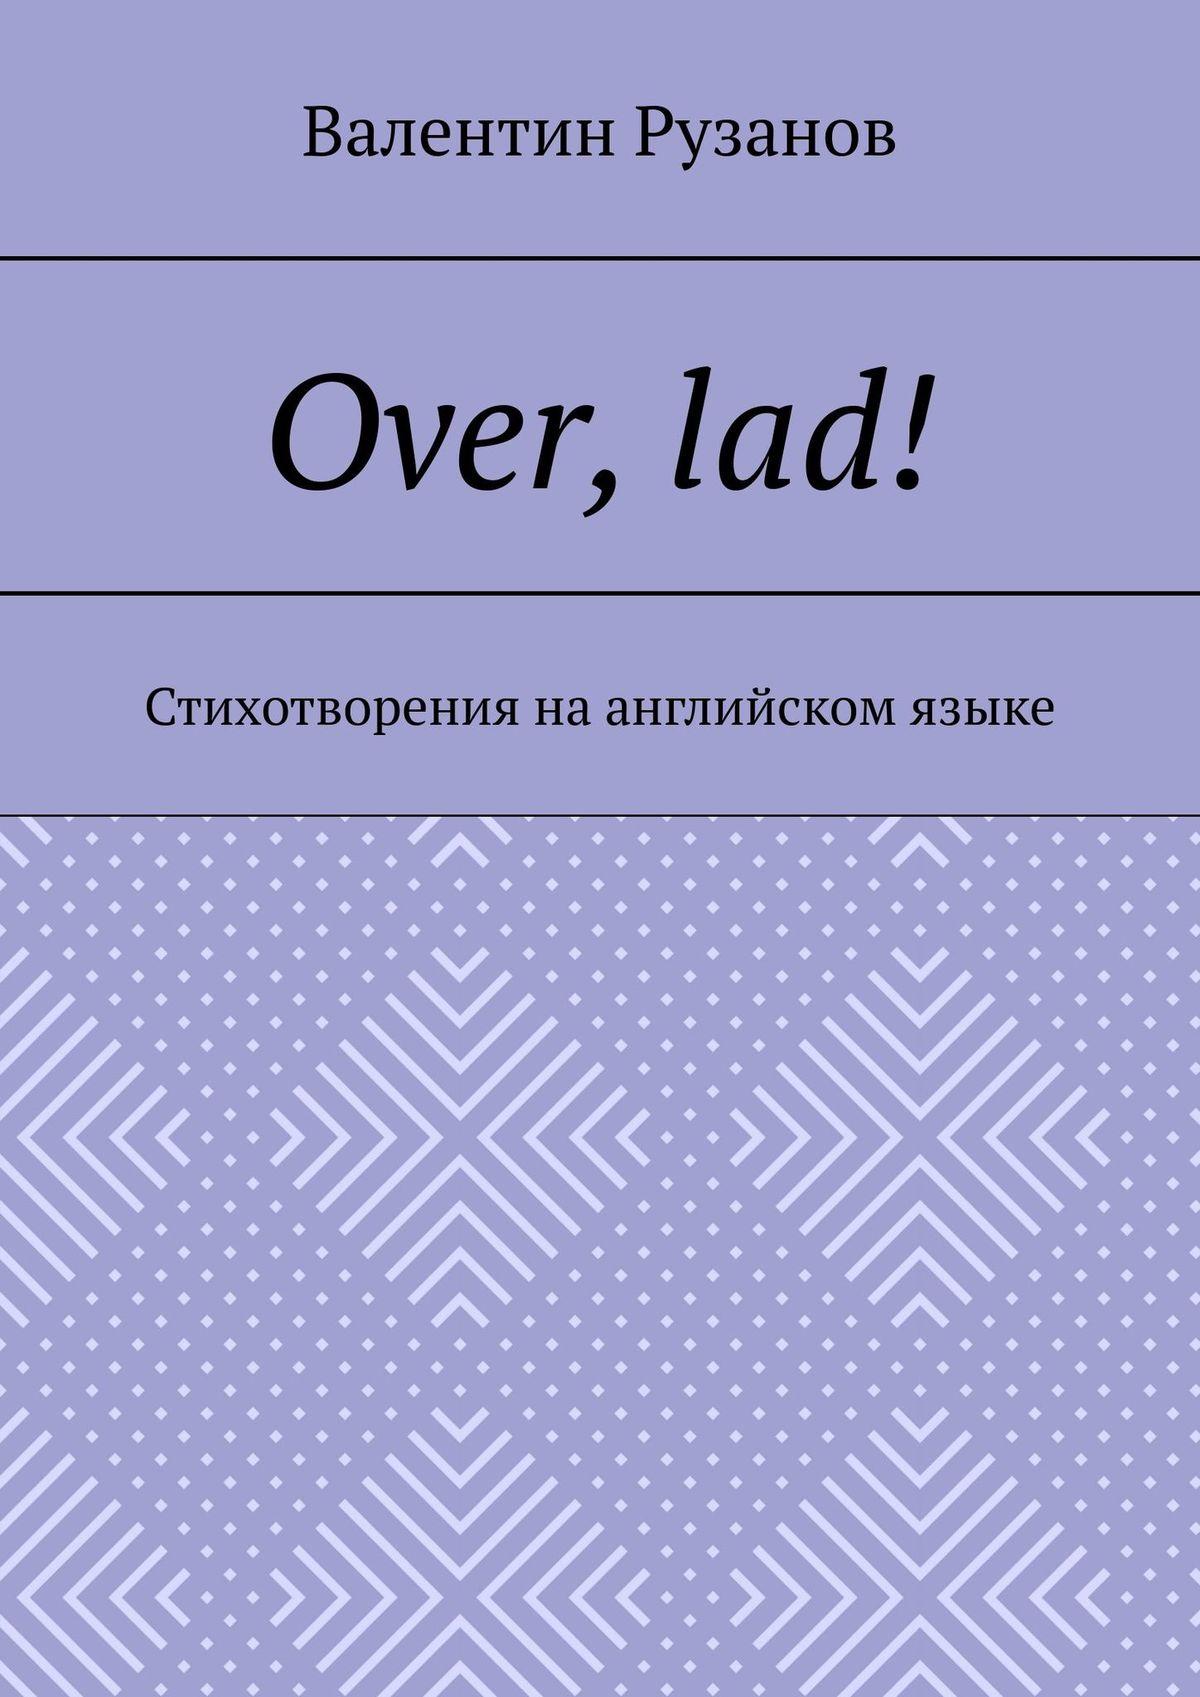 Over, lad! Стихотворения наанглийском языке